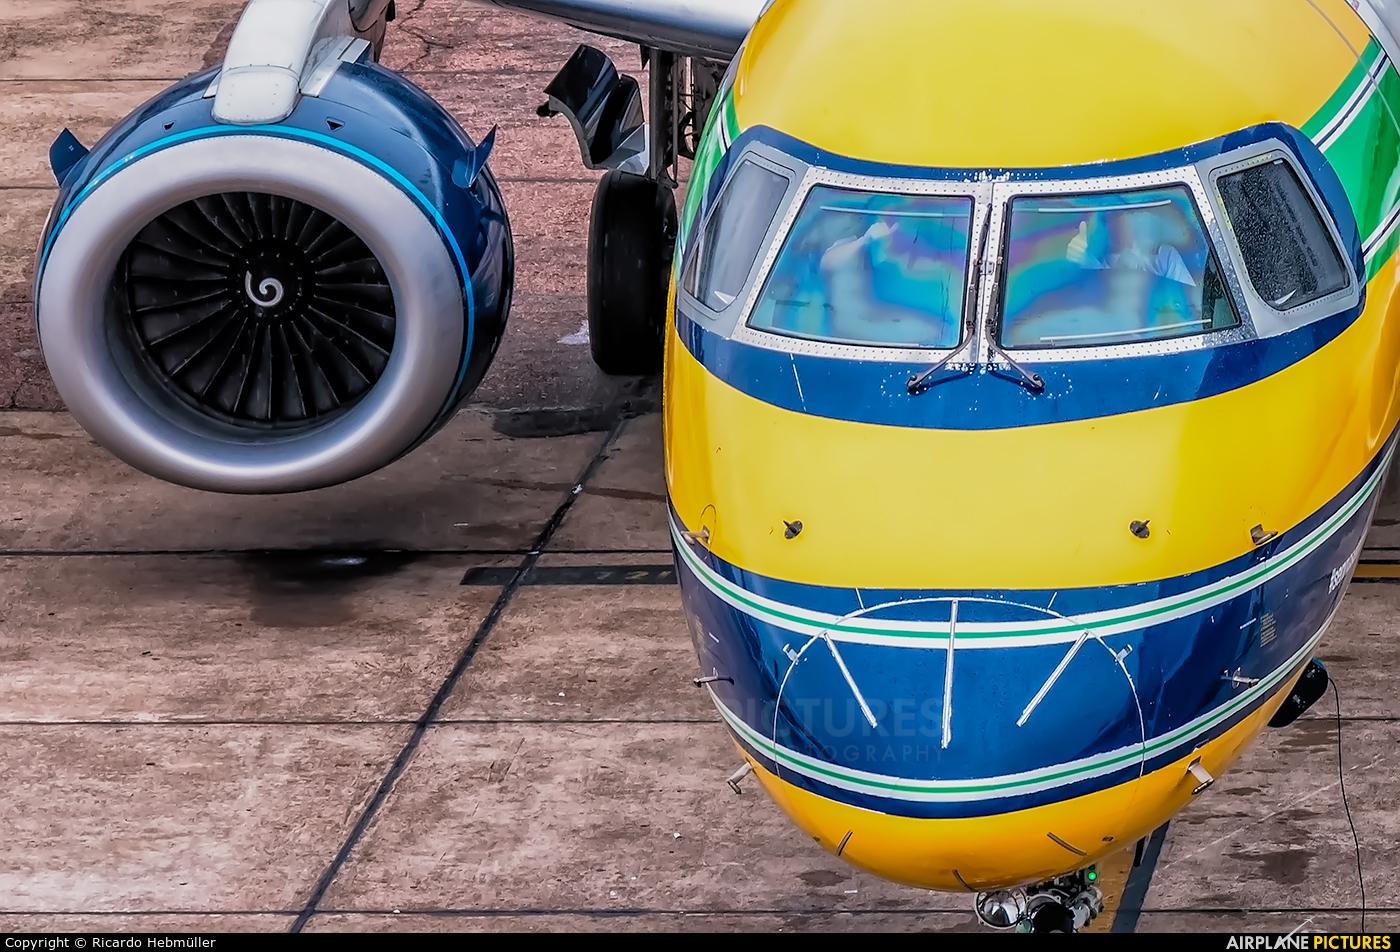 Azul Linhas Aéreas PR-AYU aircraft at Porto Alegre - Salgado Filho